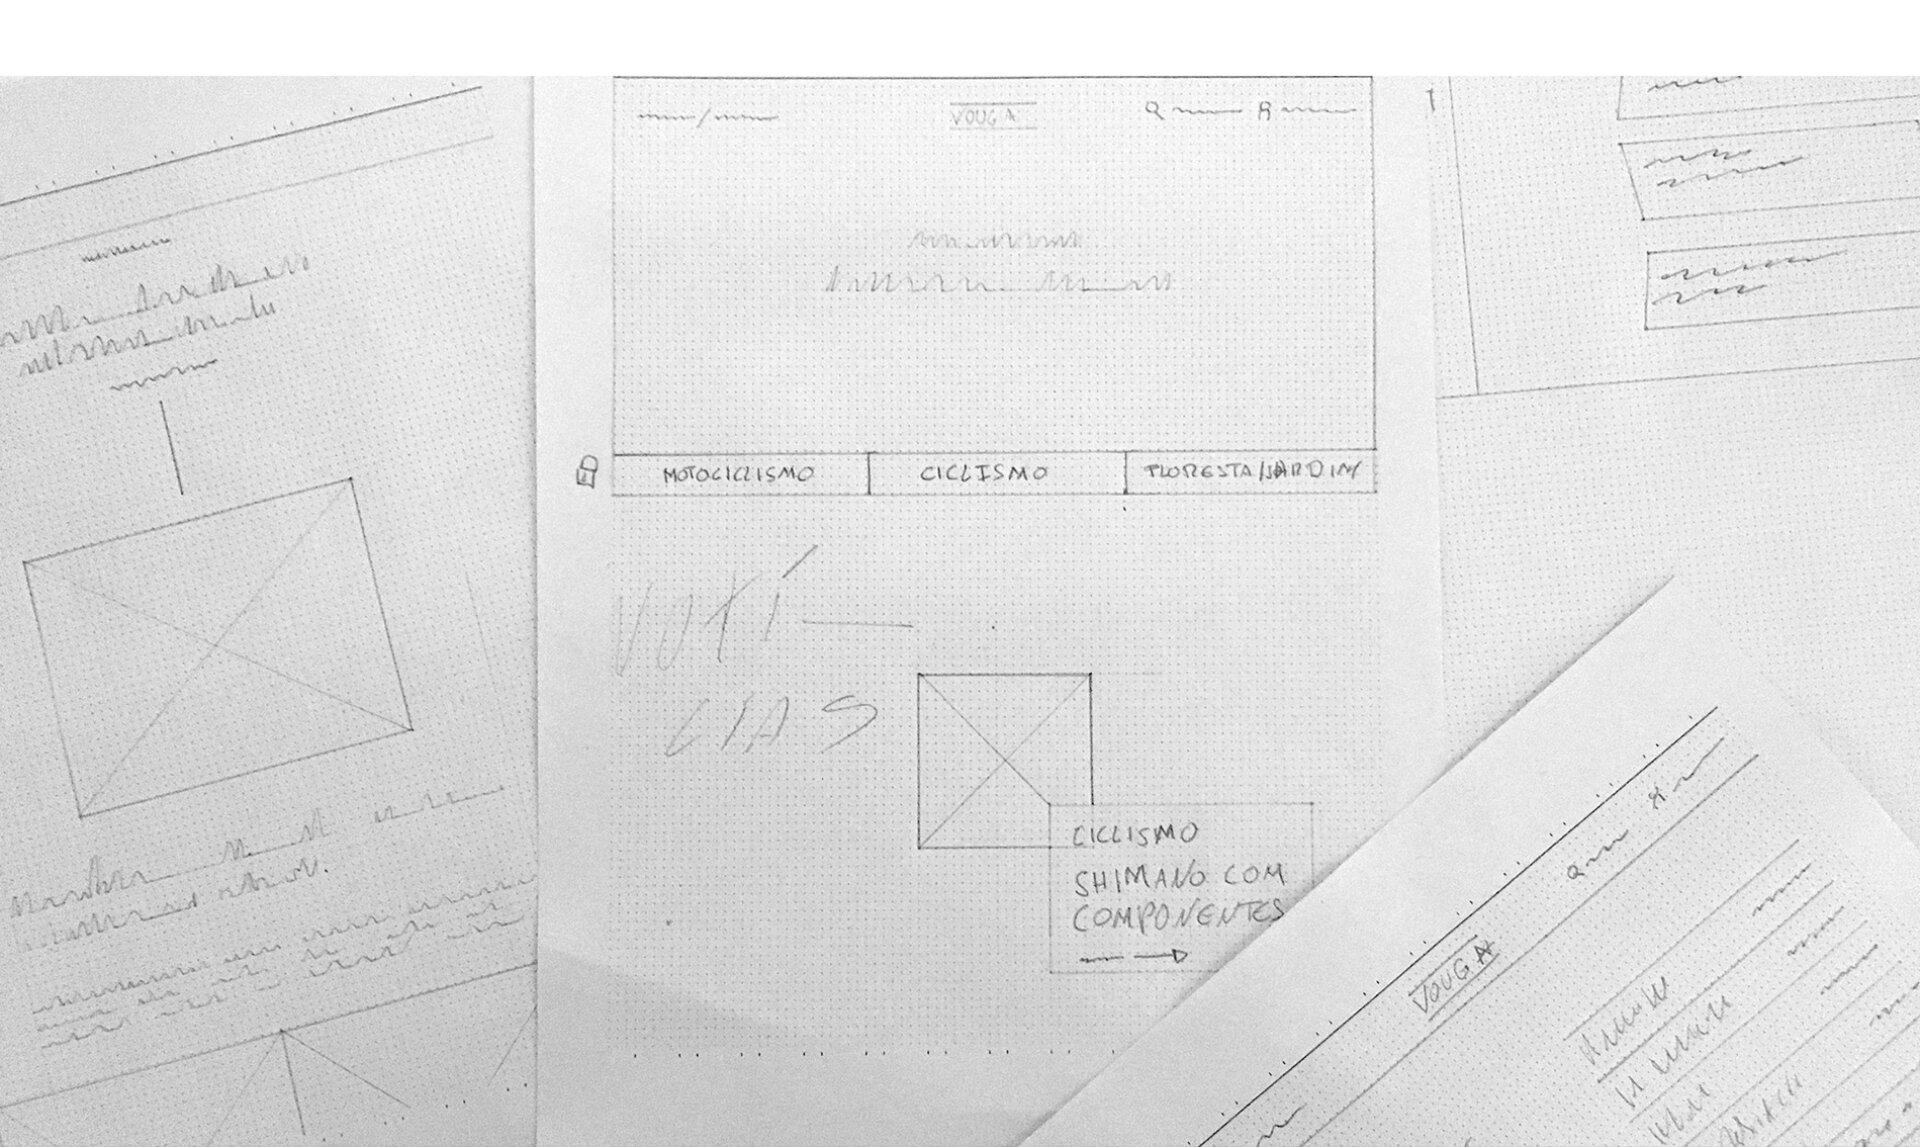 sc-vouga-estudo-do-layout-do-website